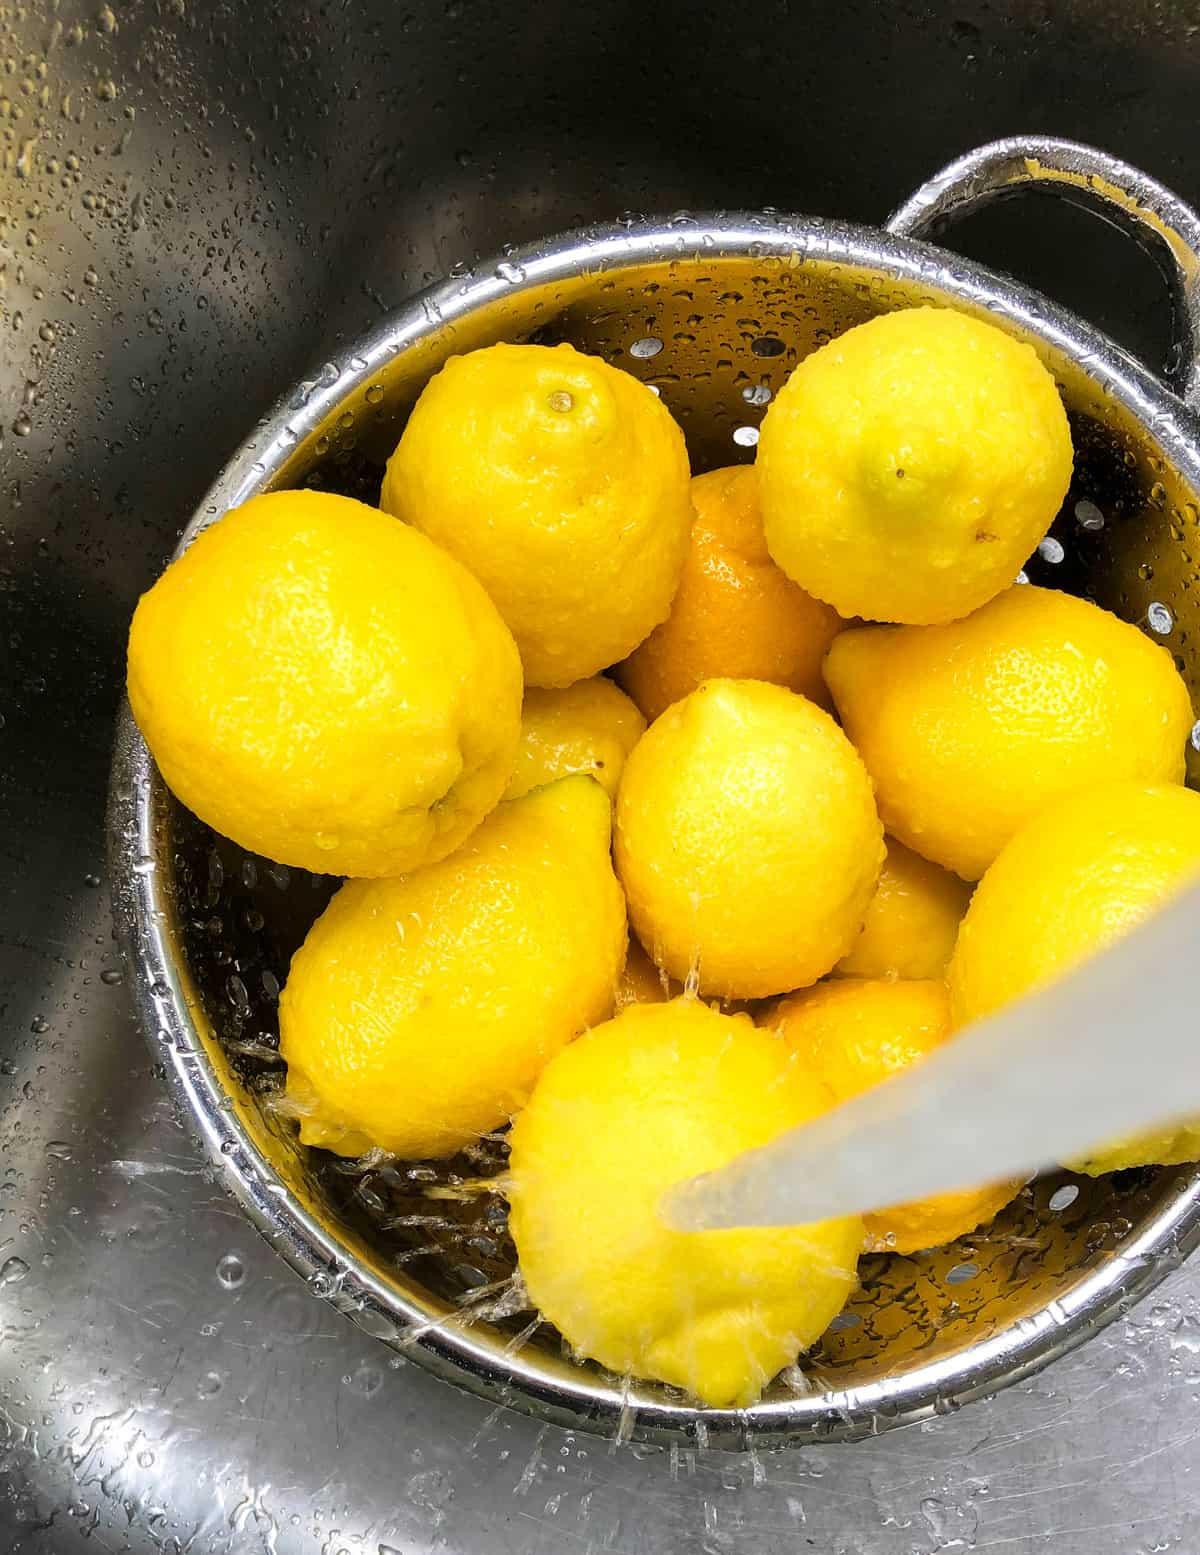 Rinsing lemons